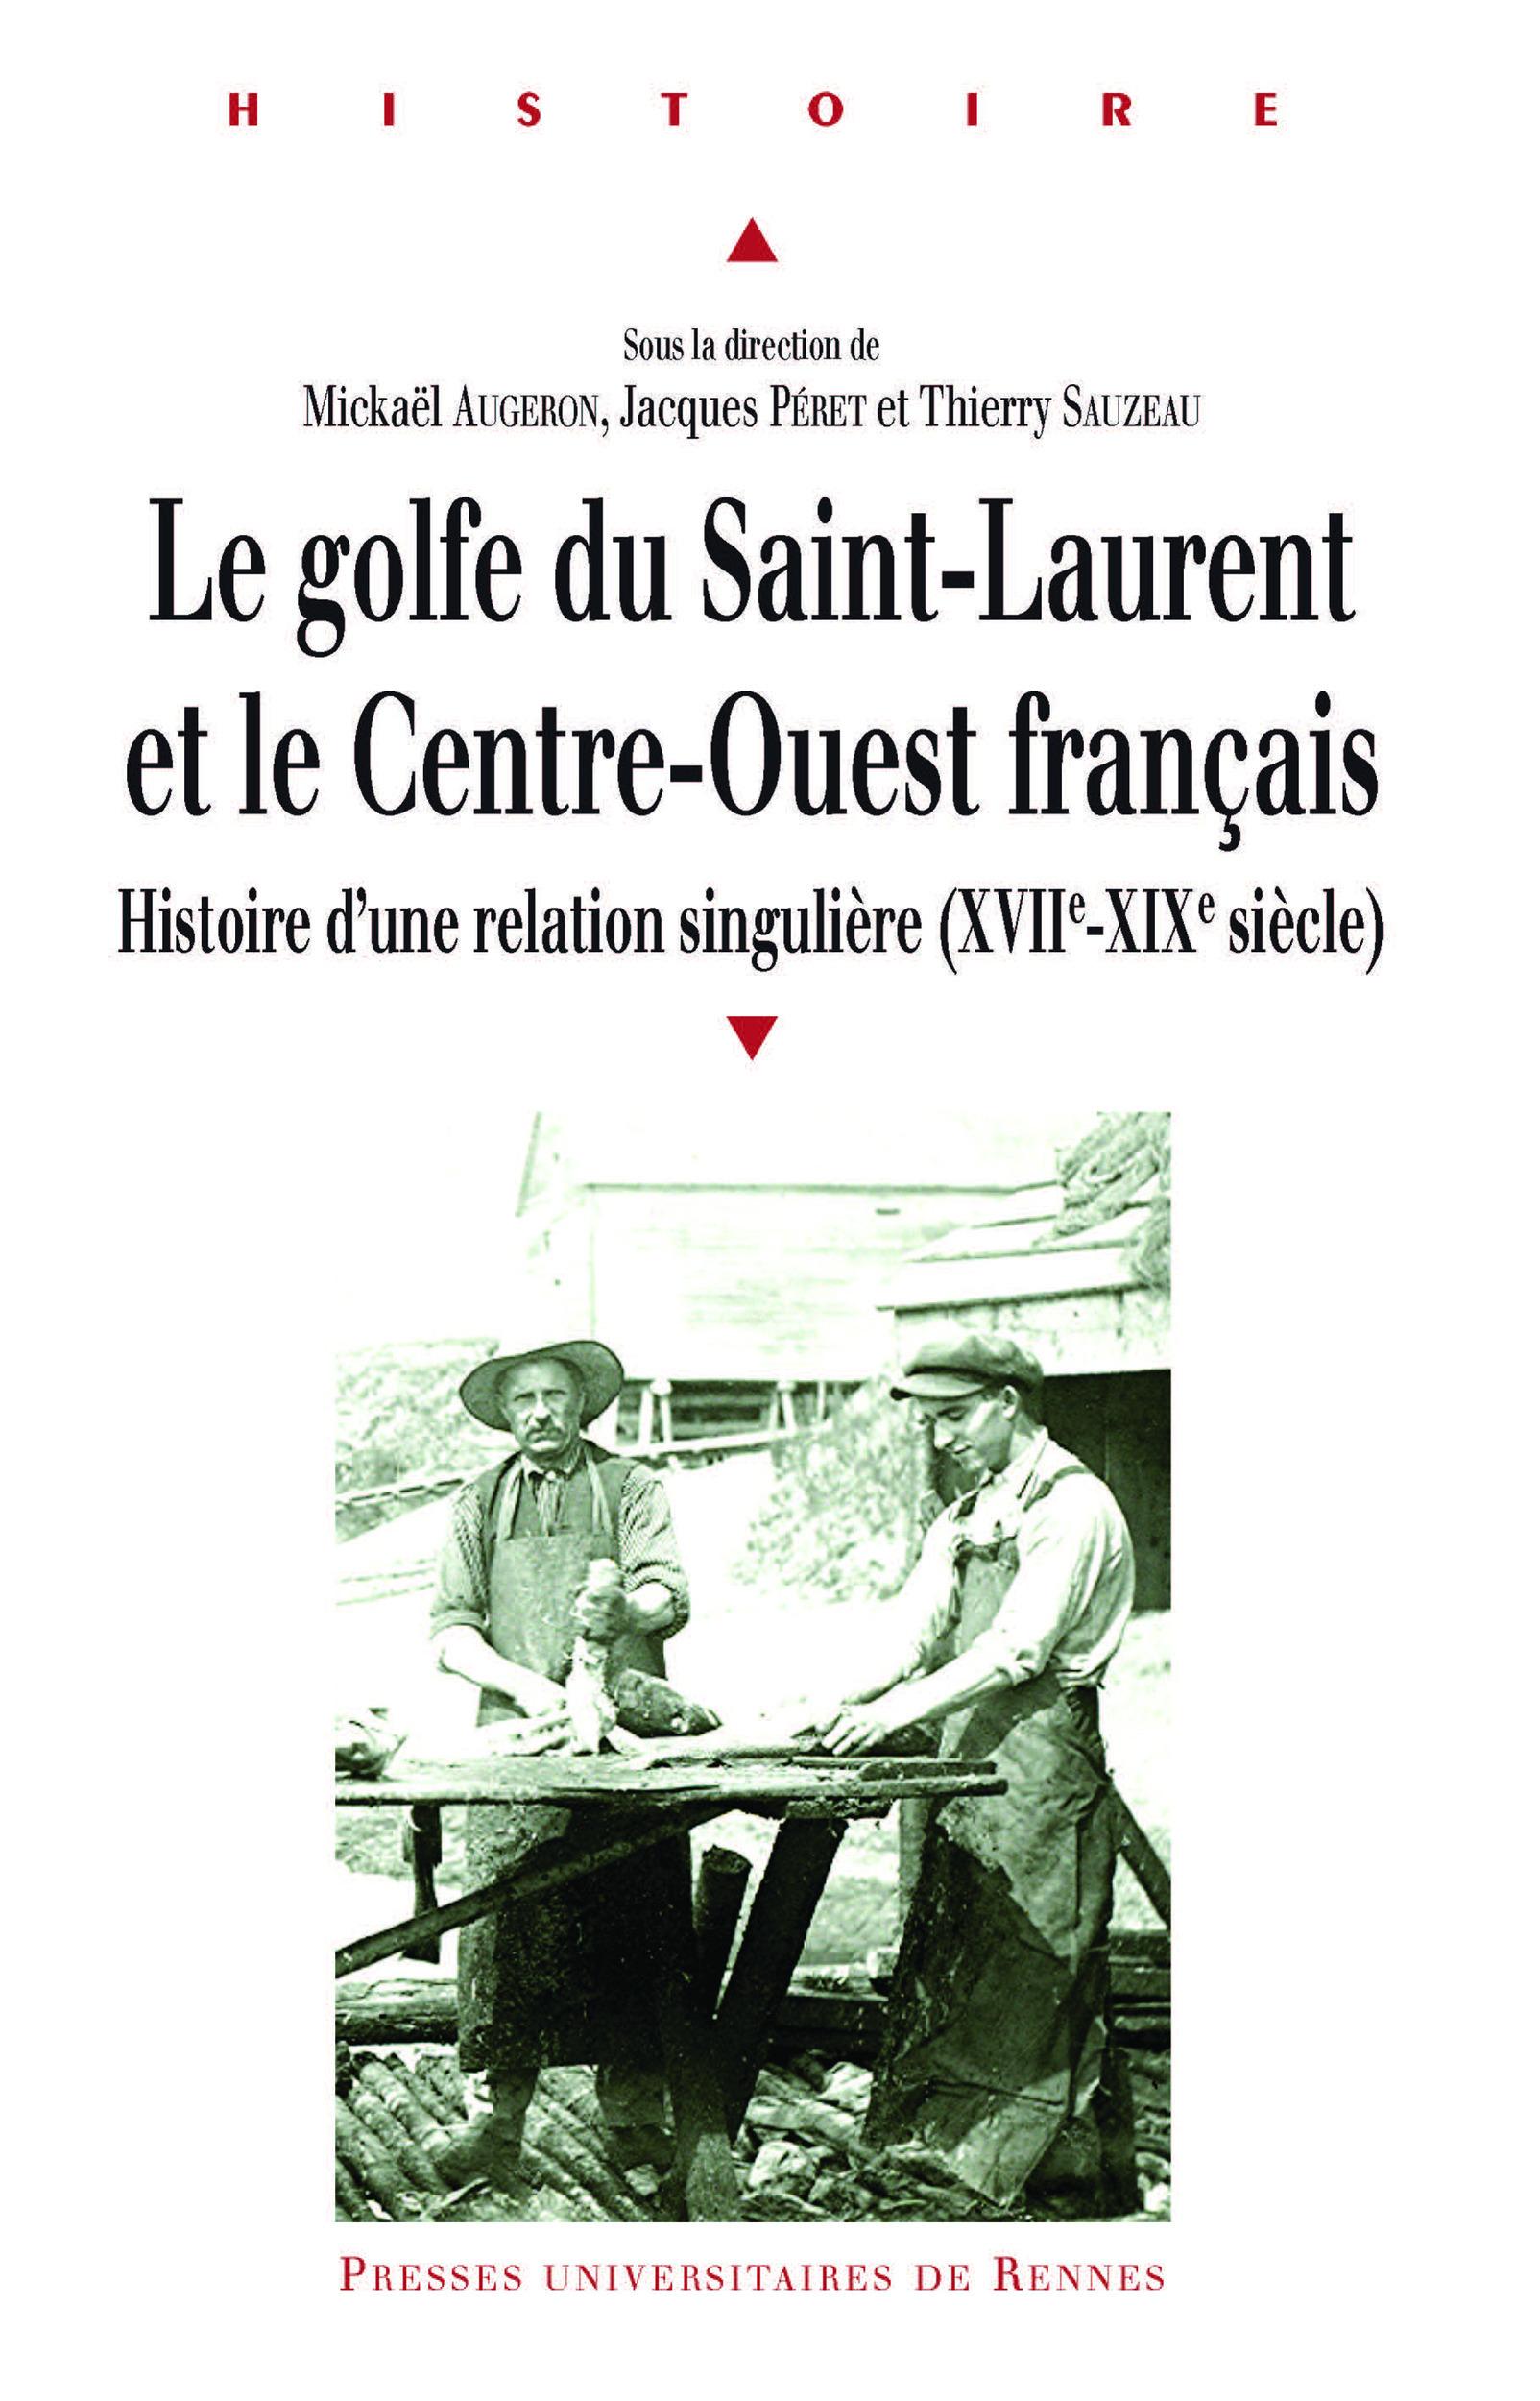 Le golfe du Saint-Laurent et le Centre-Ouest français  - Jacques Péret  - Mickaël Augeron  - Thierry Sauzeau